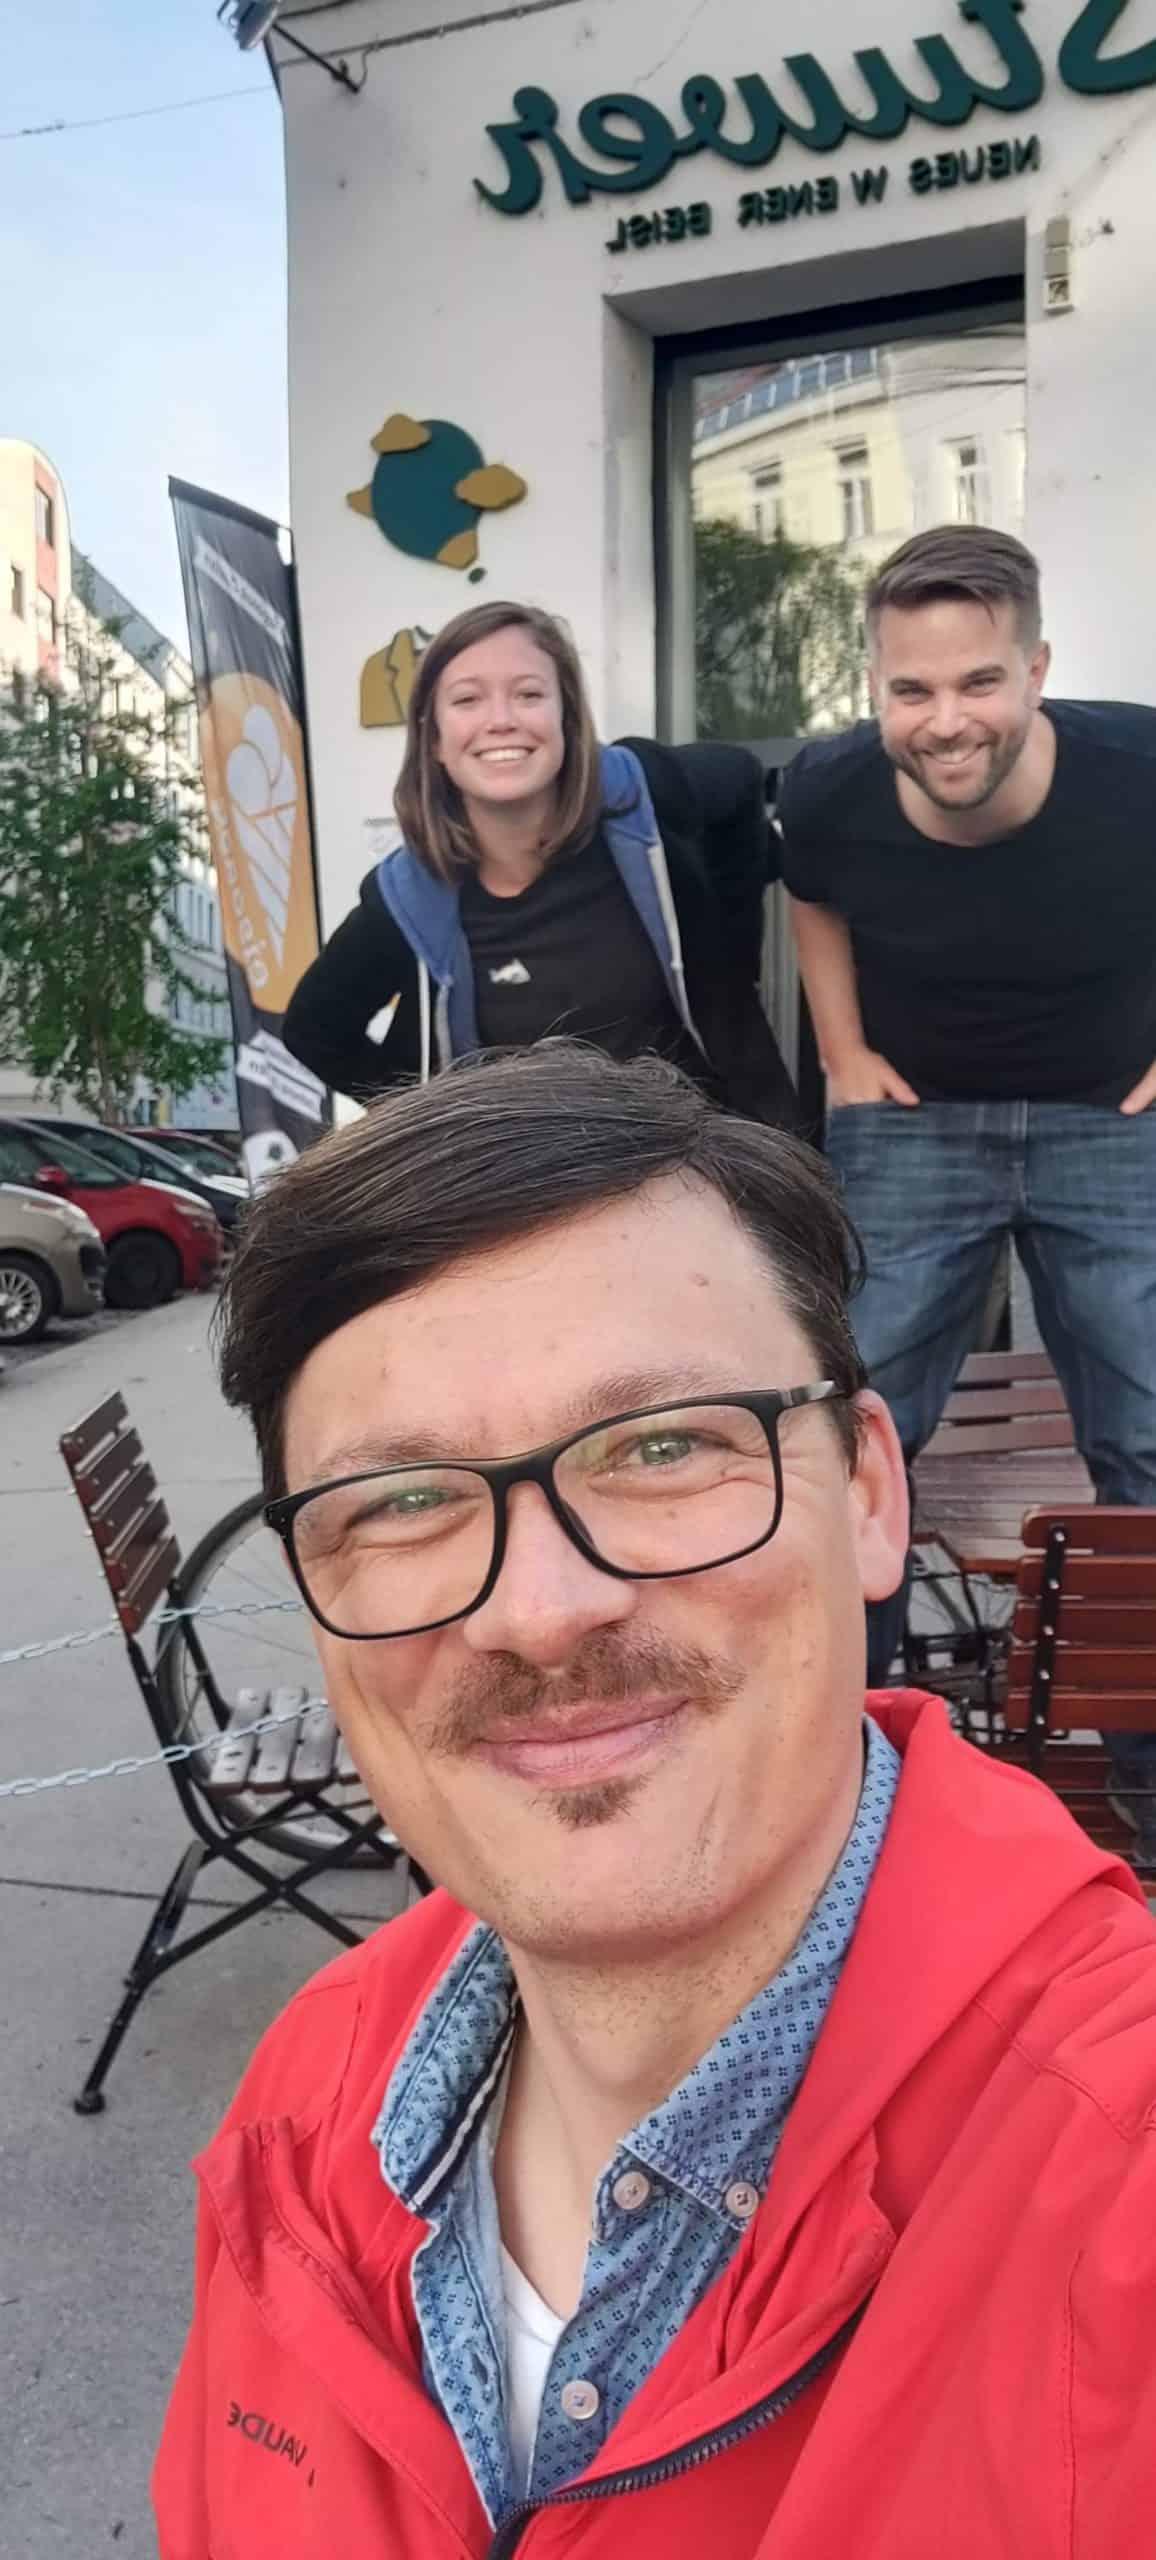 Selfie - Roland, Bianca, Willy